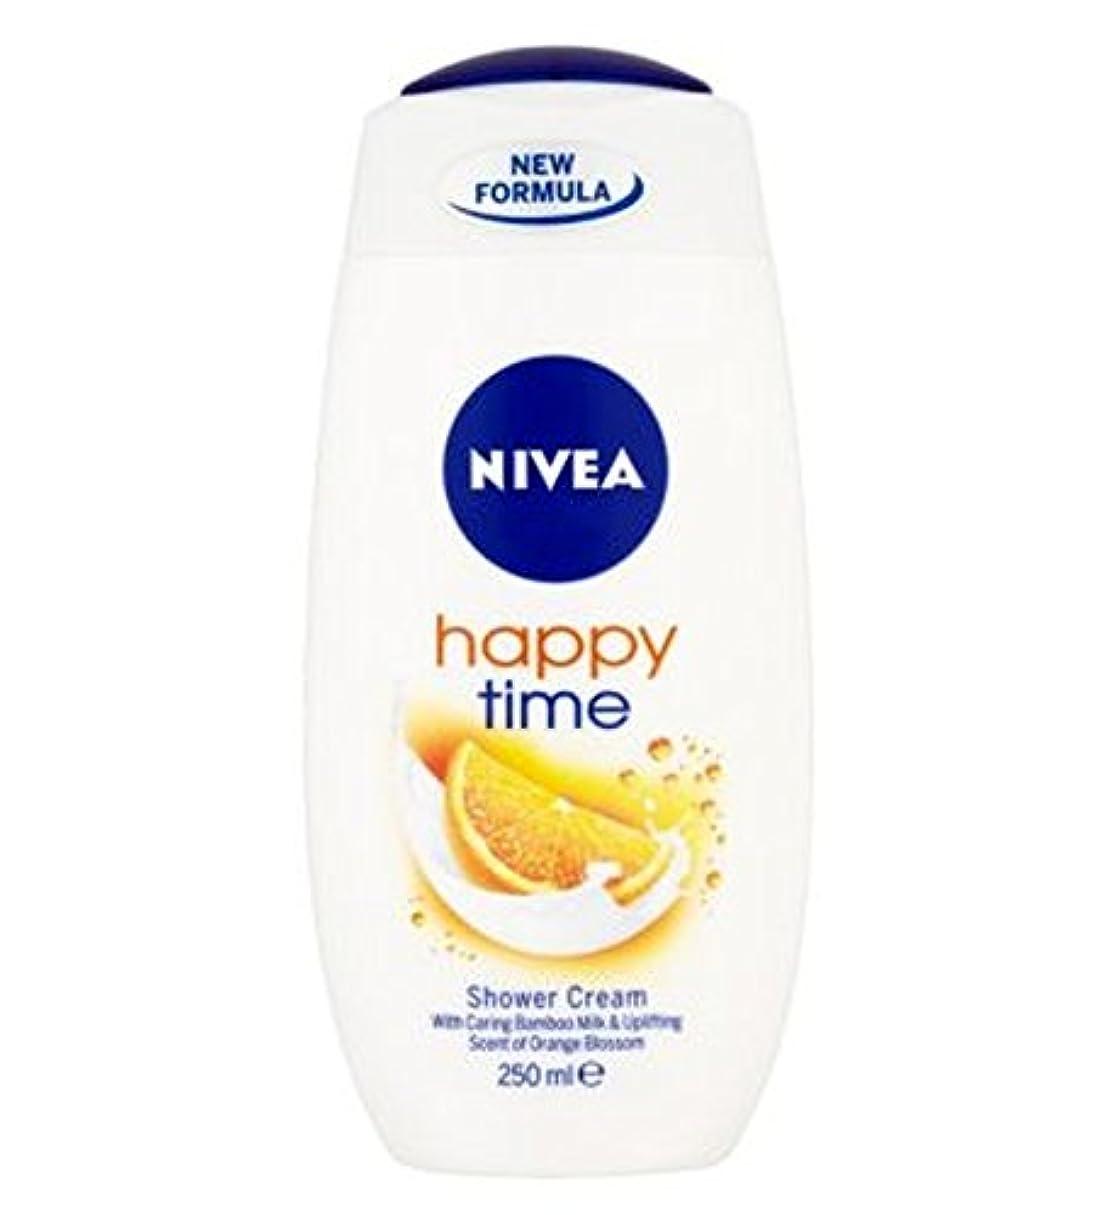 レビューめんどりおなかがすいたニベア幸せな時間シャワークリーム250ミリリットル (Nivea) (x2) - NIVEA Happy Time Shower Cream 250ml (Pack of 2) [並行輸入品]